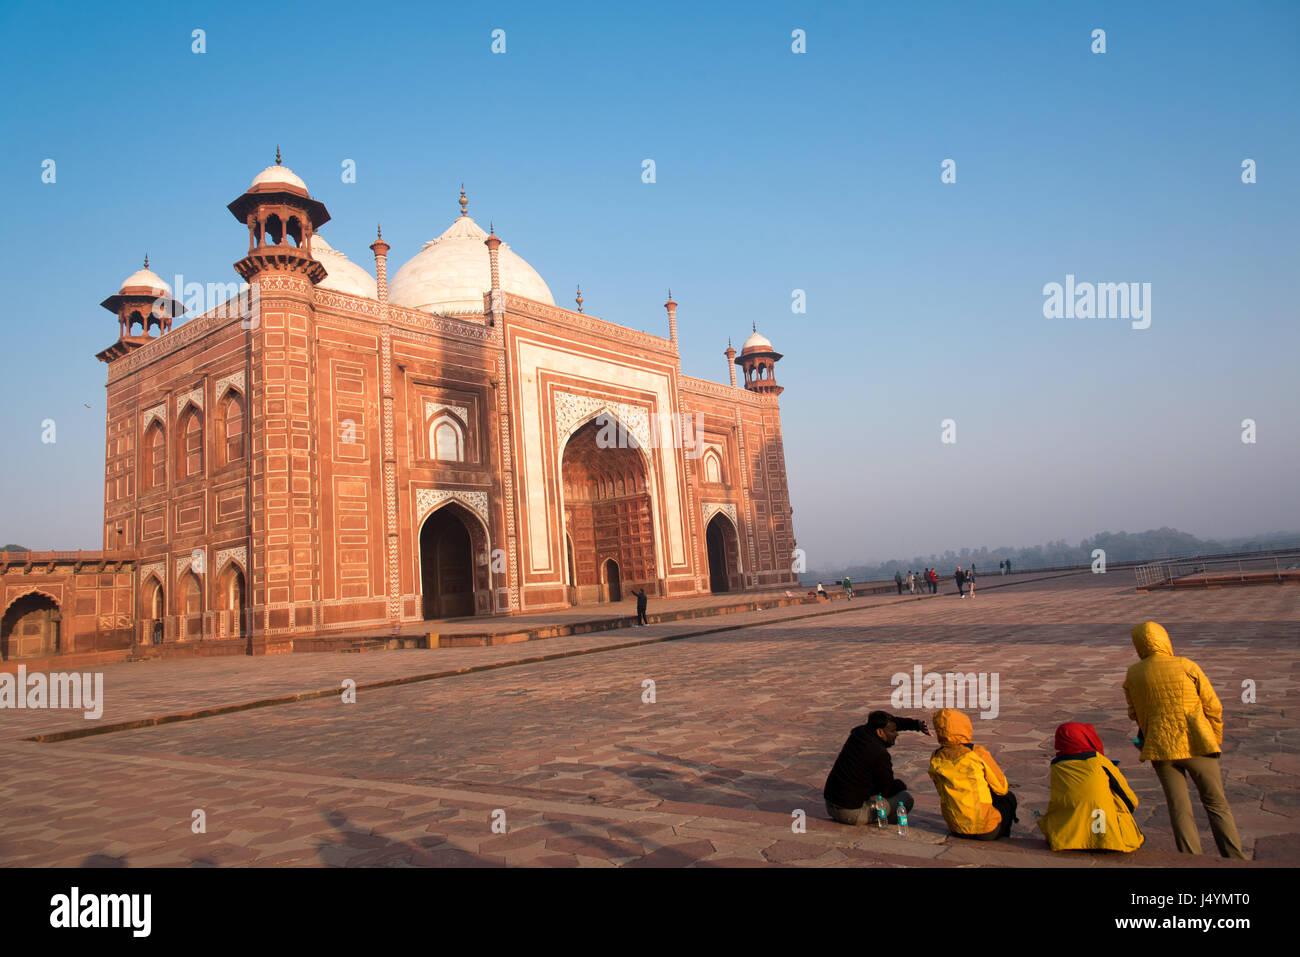 Menschen genießen den Blick auf das Taj Mahal Moschee in Agra, Indien Stockbild